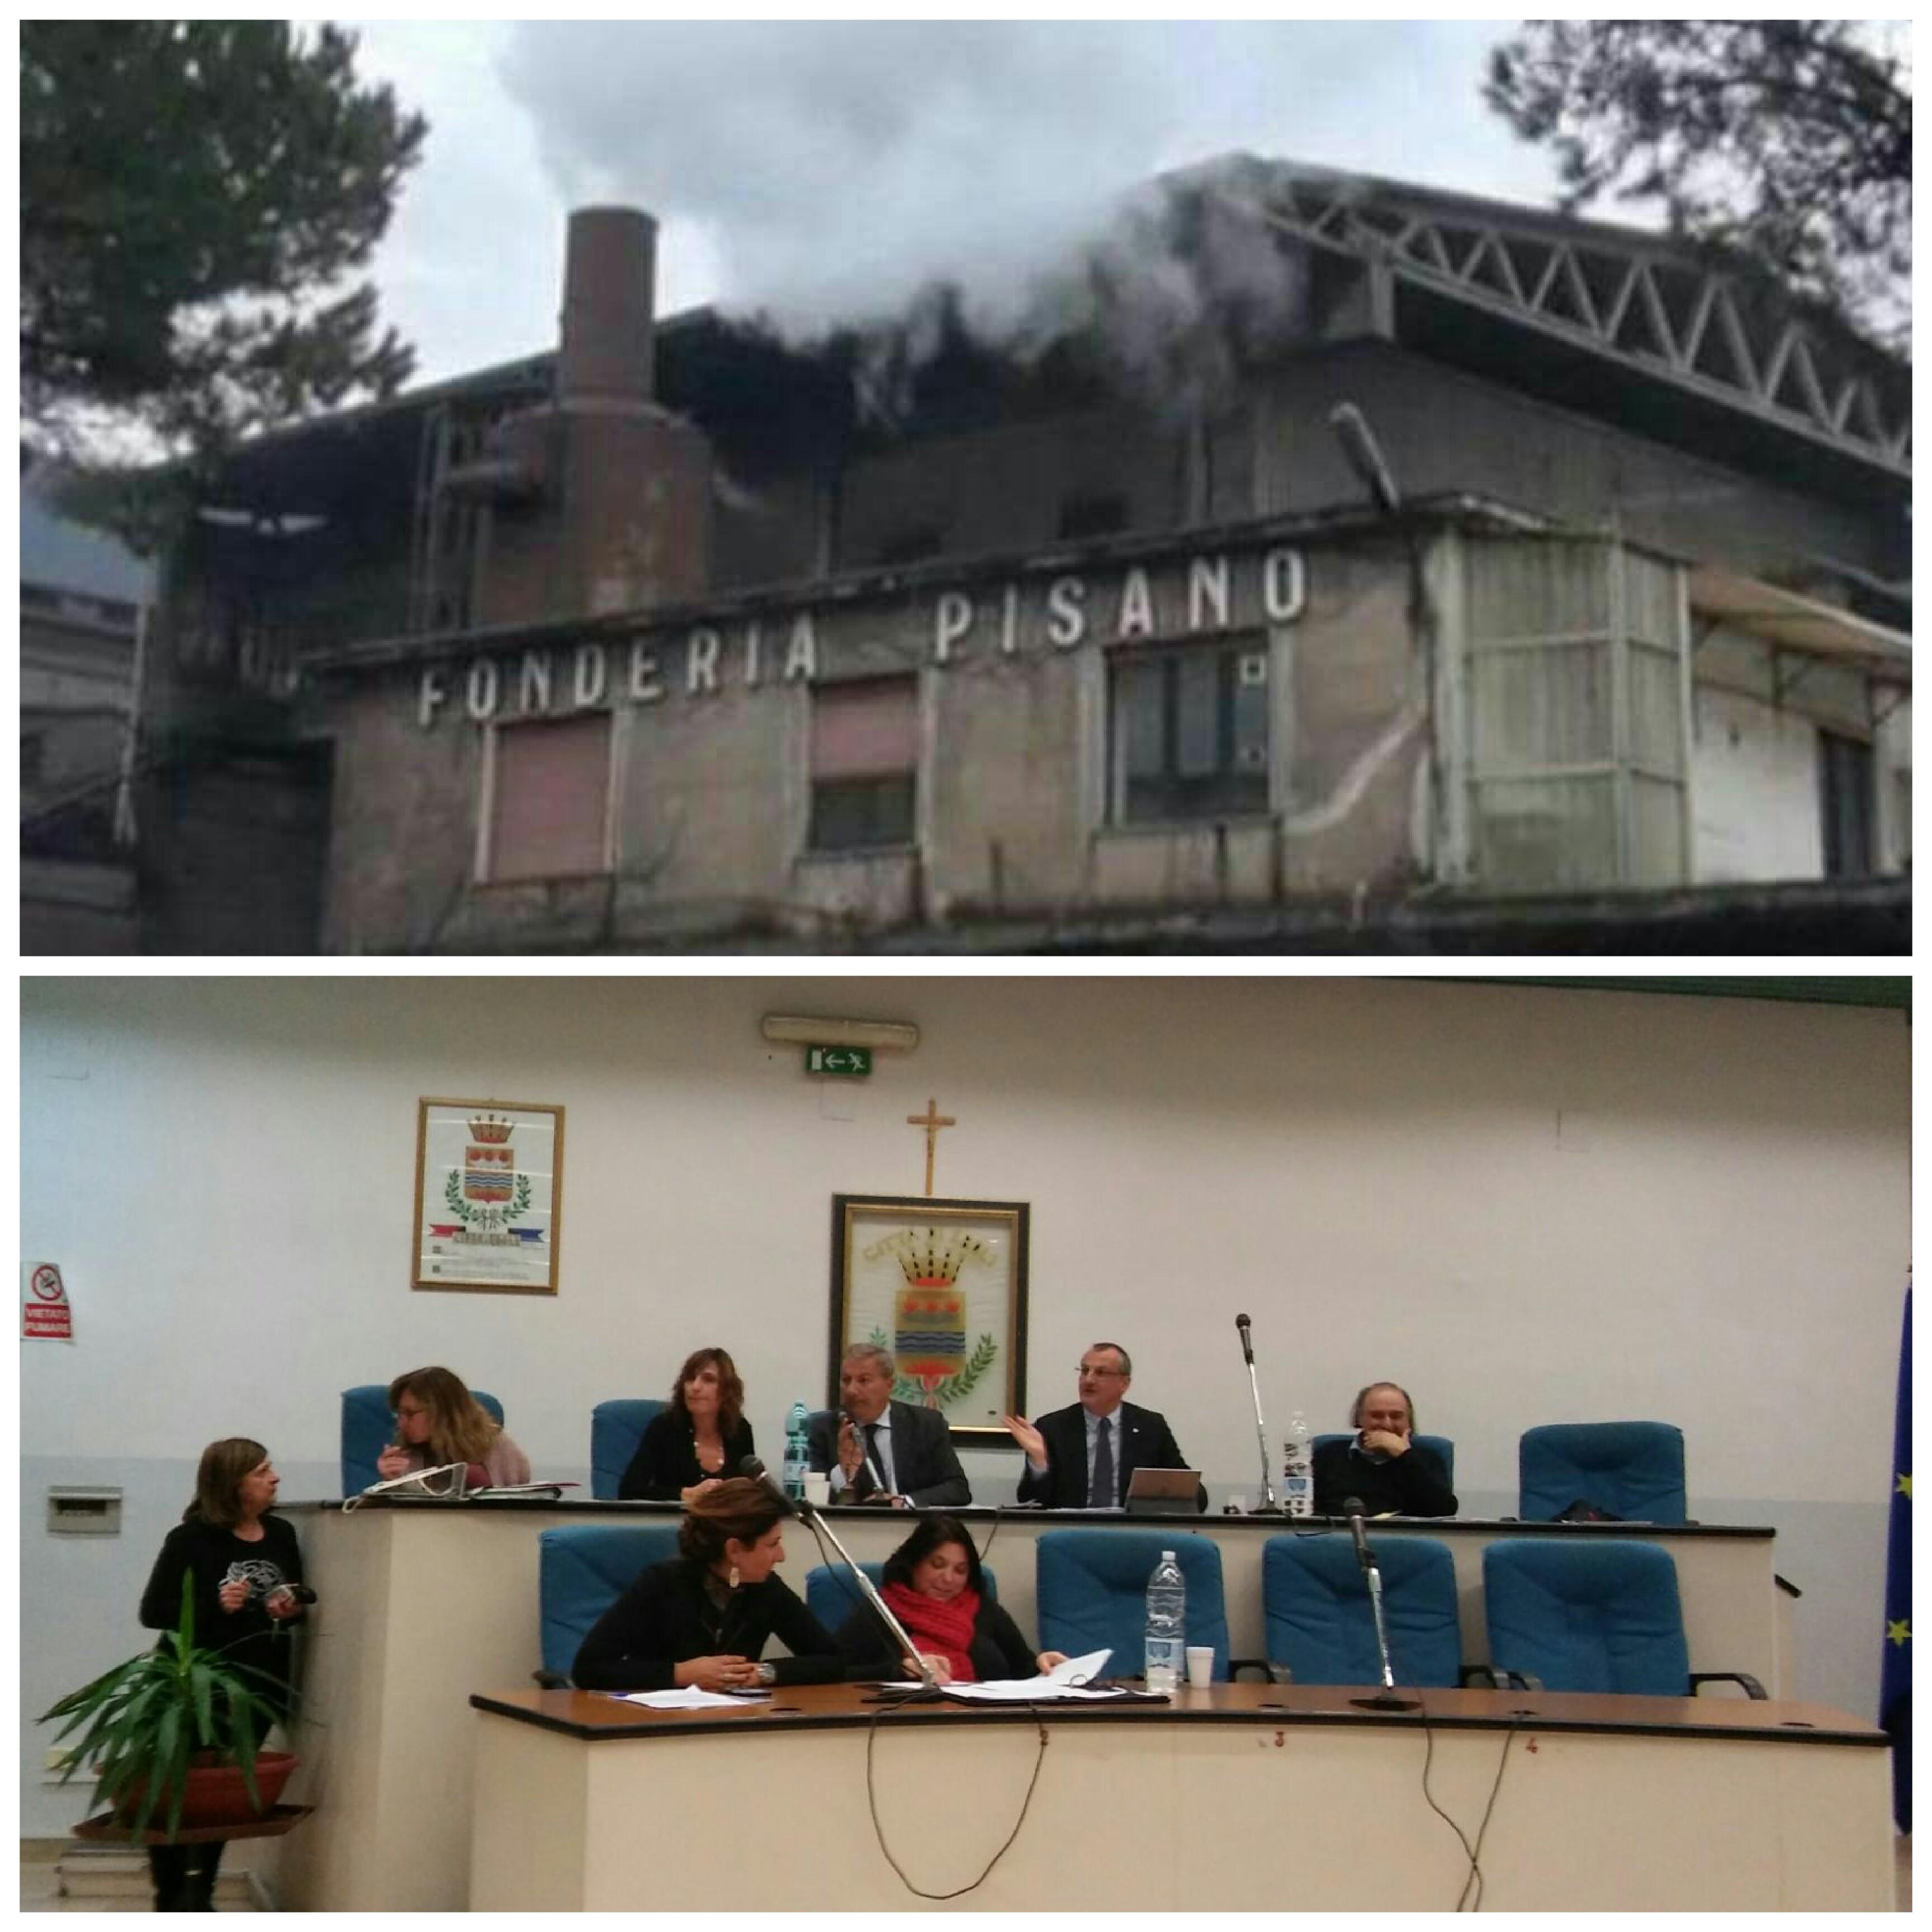 Consiglio comunale-Fonderie Pisano